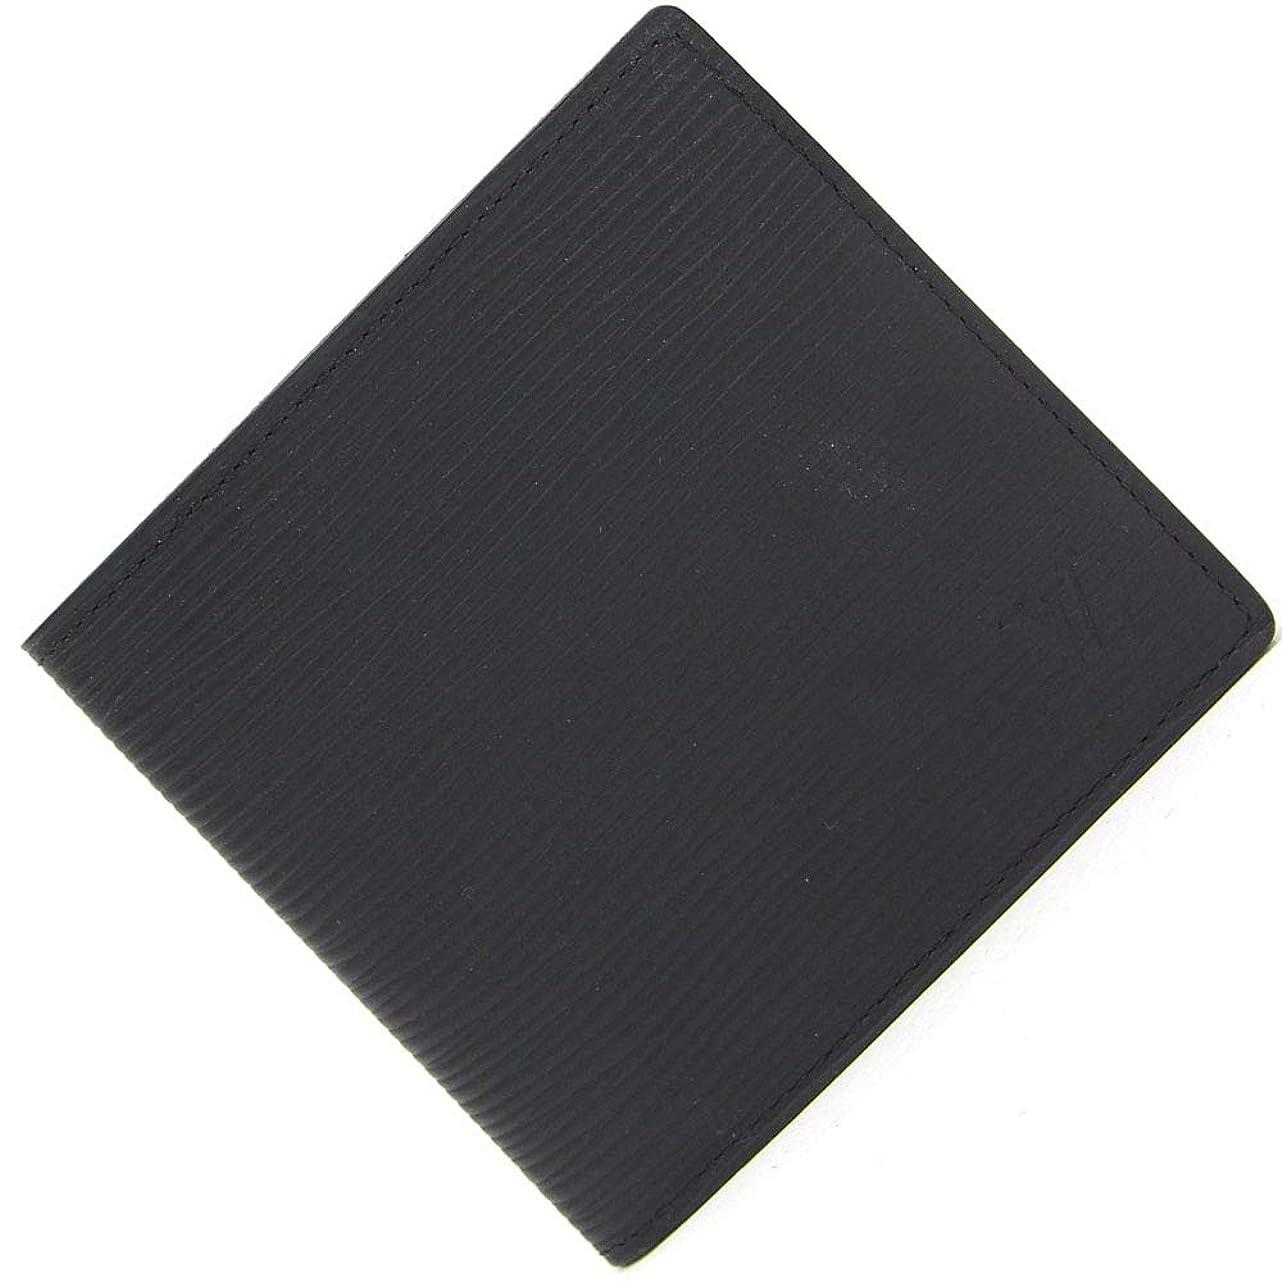 タイヤ性別ワインLOUIS VUITTON(ルイヴィトン) 二つ折り財布 エピ ポルトフォイユ マルコ N6612 ノワール 中古 黒 ブラック ウォレット マット LOUIS VUITTON [並行輸入品]